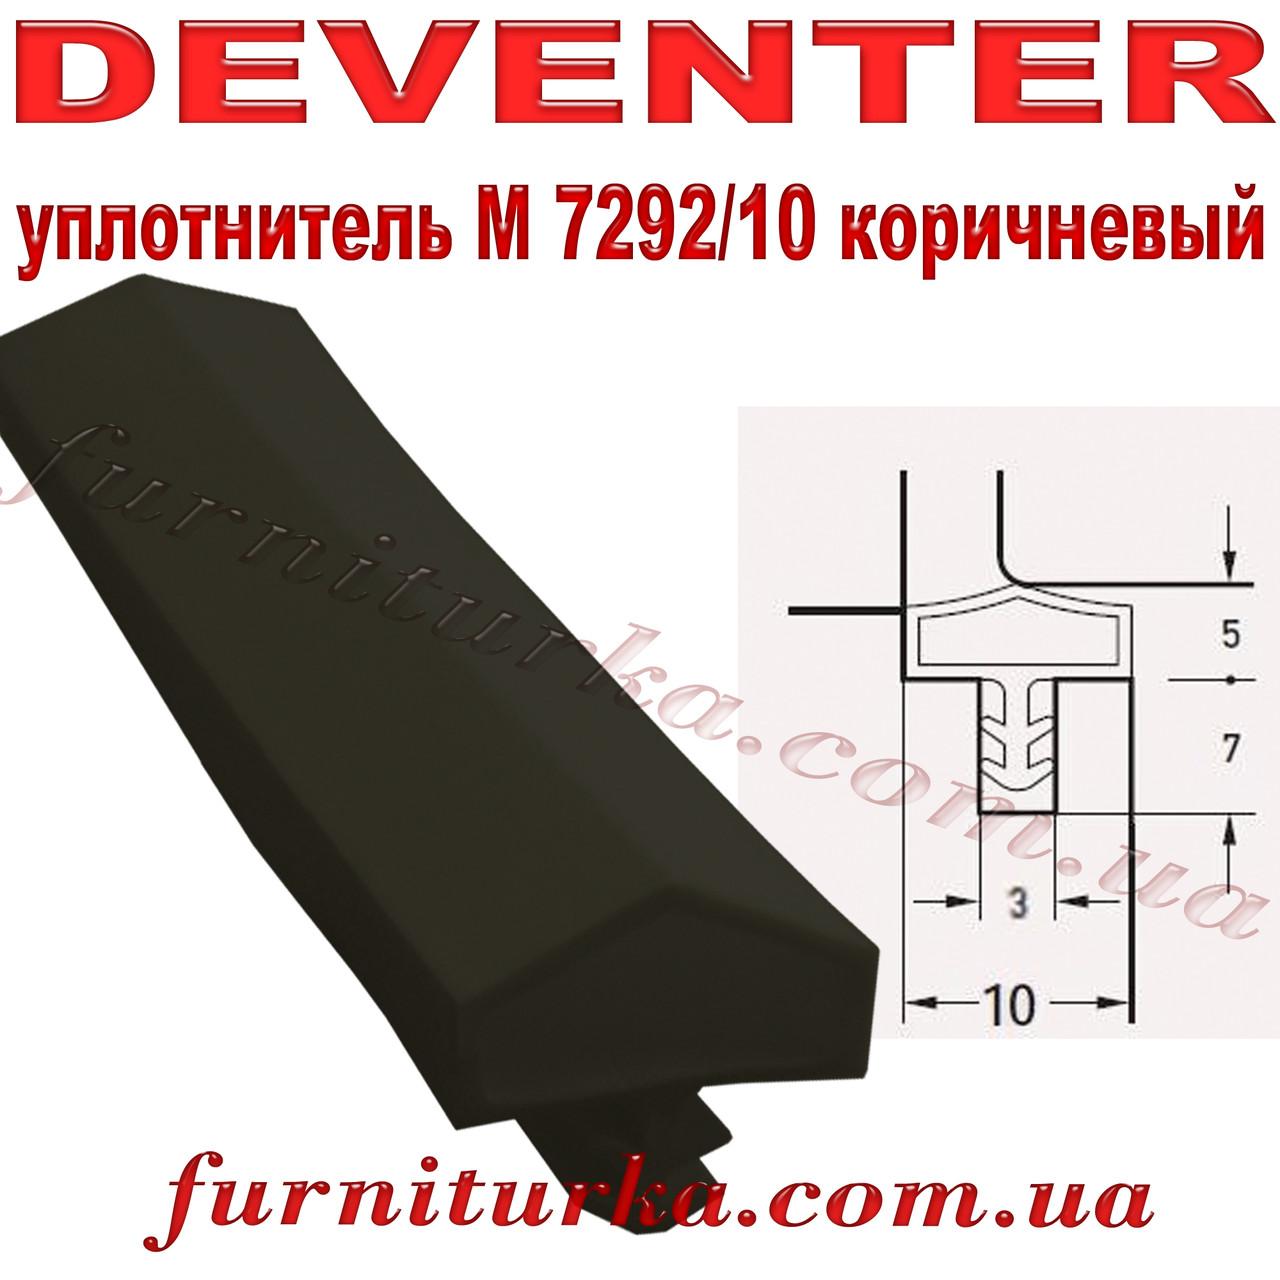 Уплотнитель дверной Deventer M7292/10 коричневый